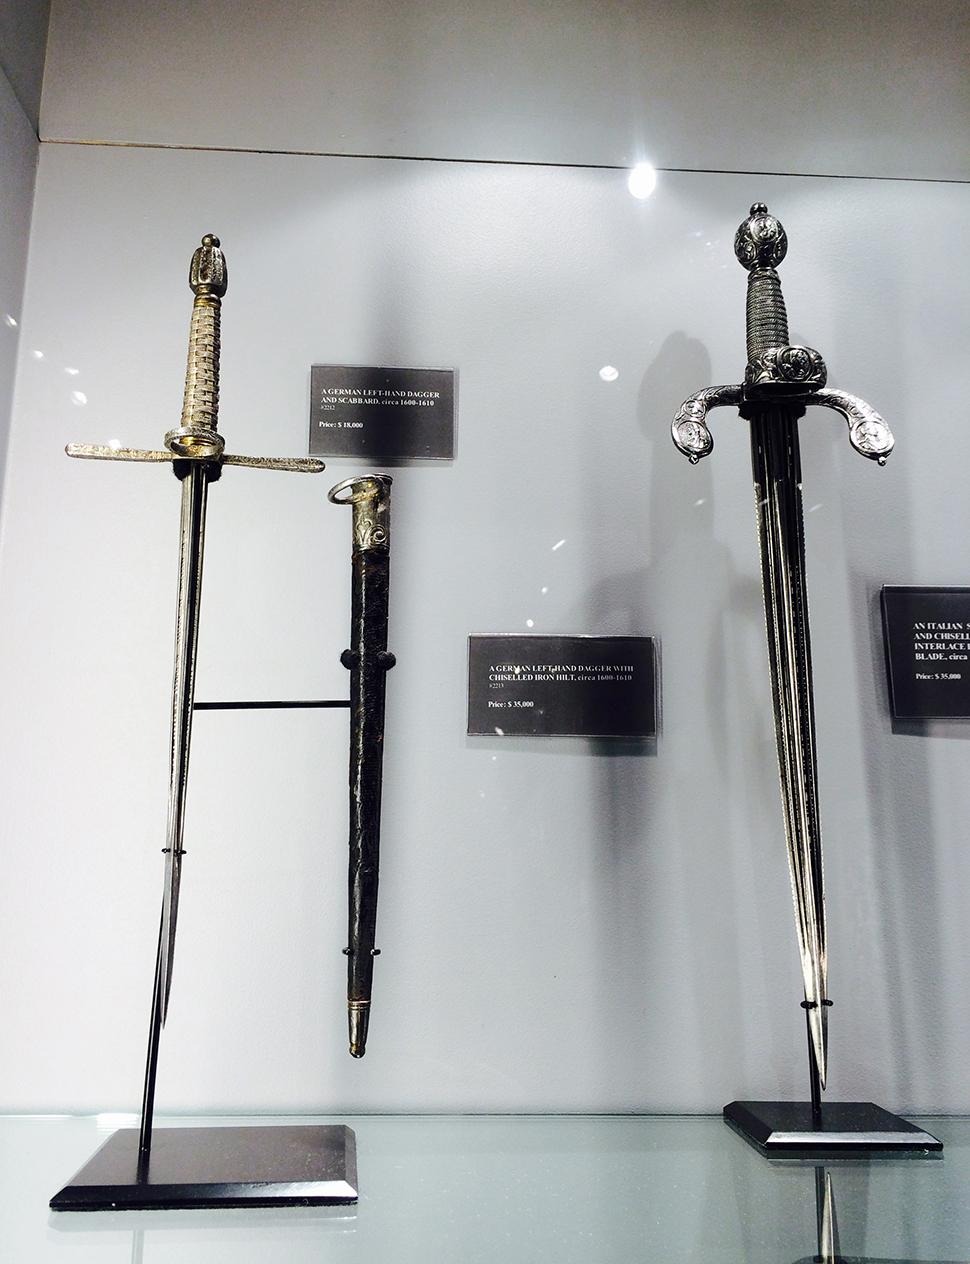 가격은 자그마치 $530,000. 우리 돈으로 6억 원에 호가하는 로마시대 세공 검들.